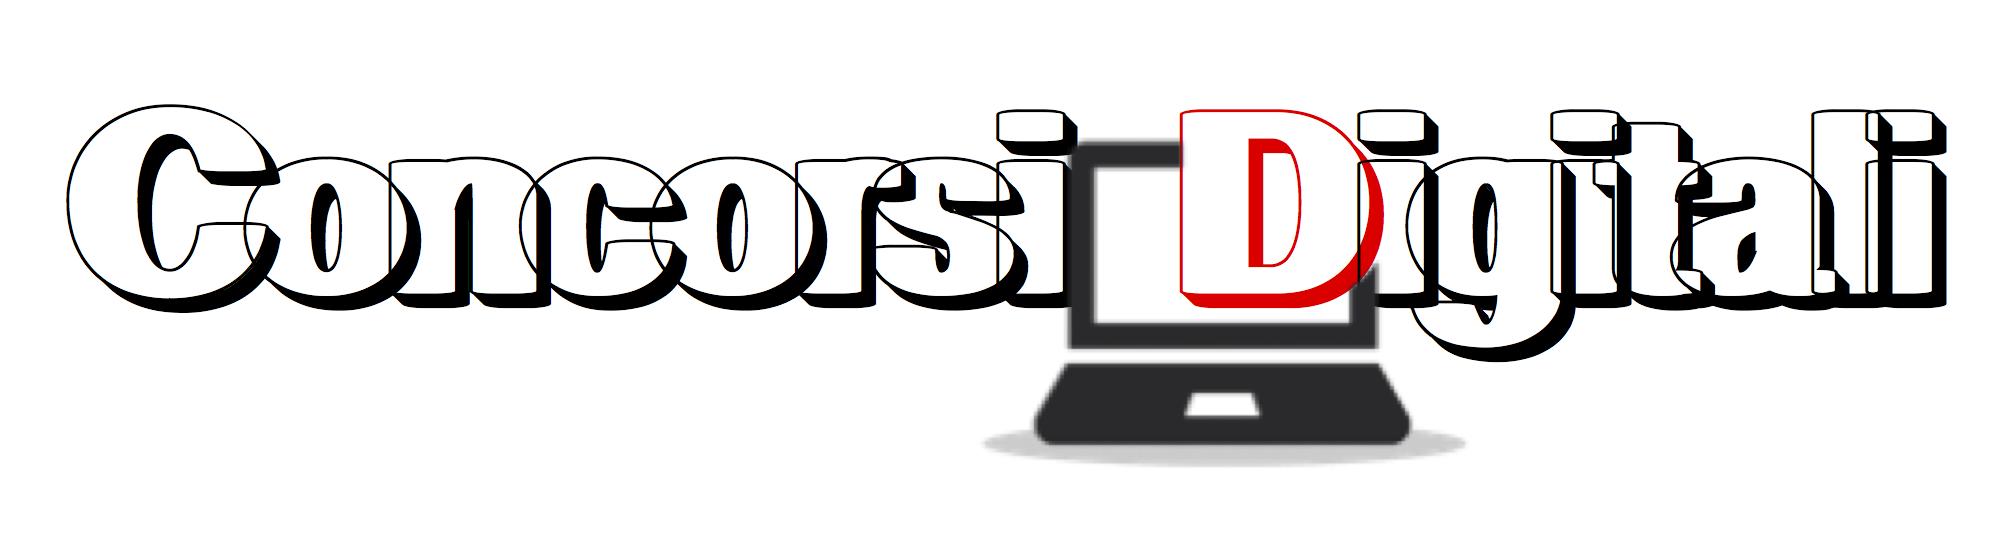 Concorsi Digitali - Premiazione Concorso USR Molise - AICA